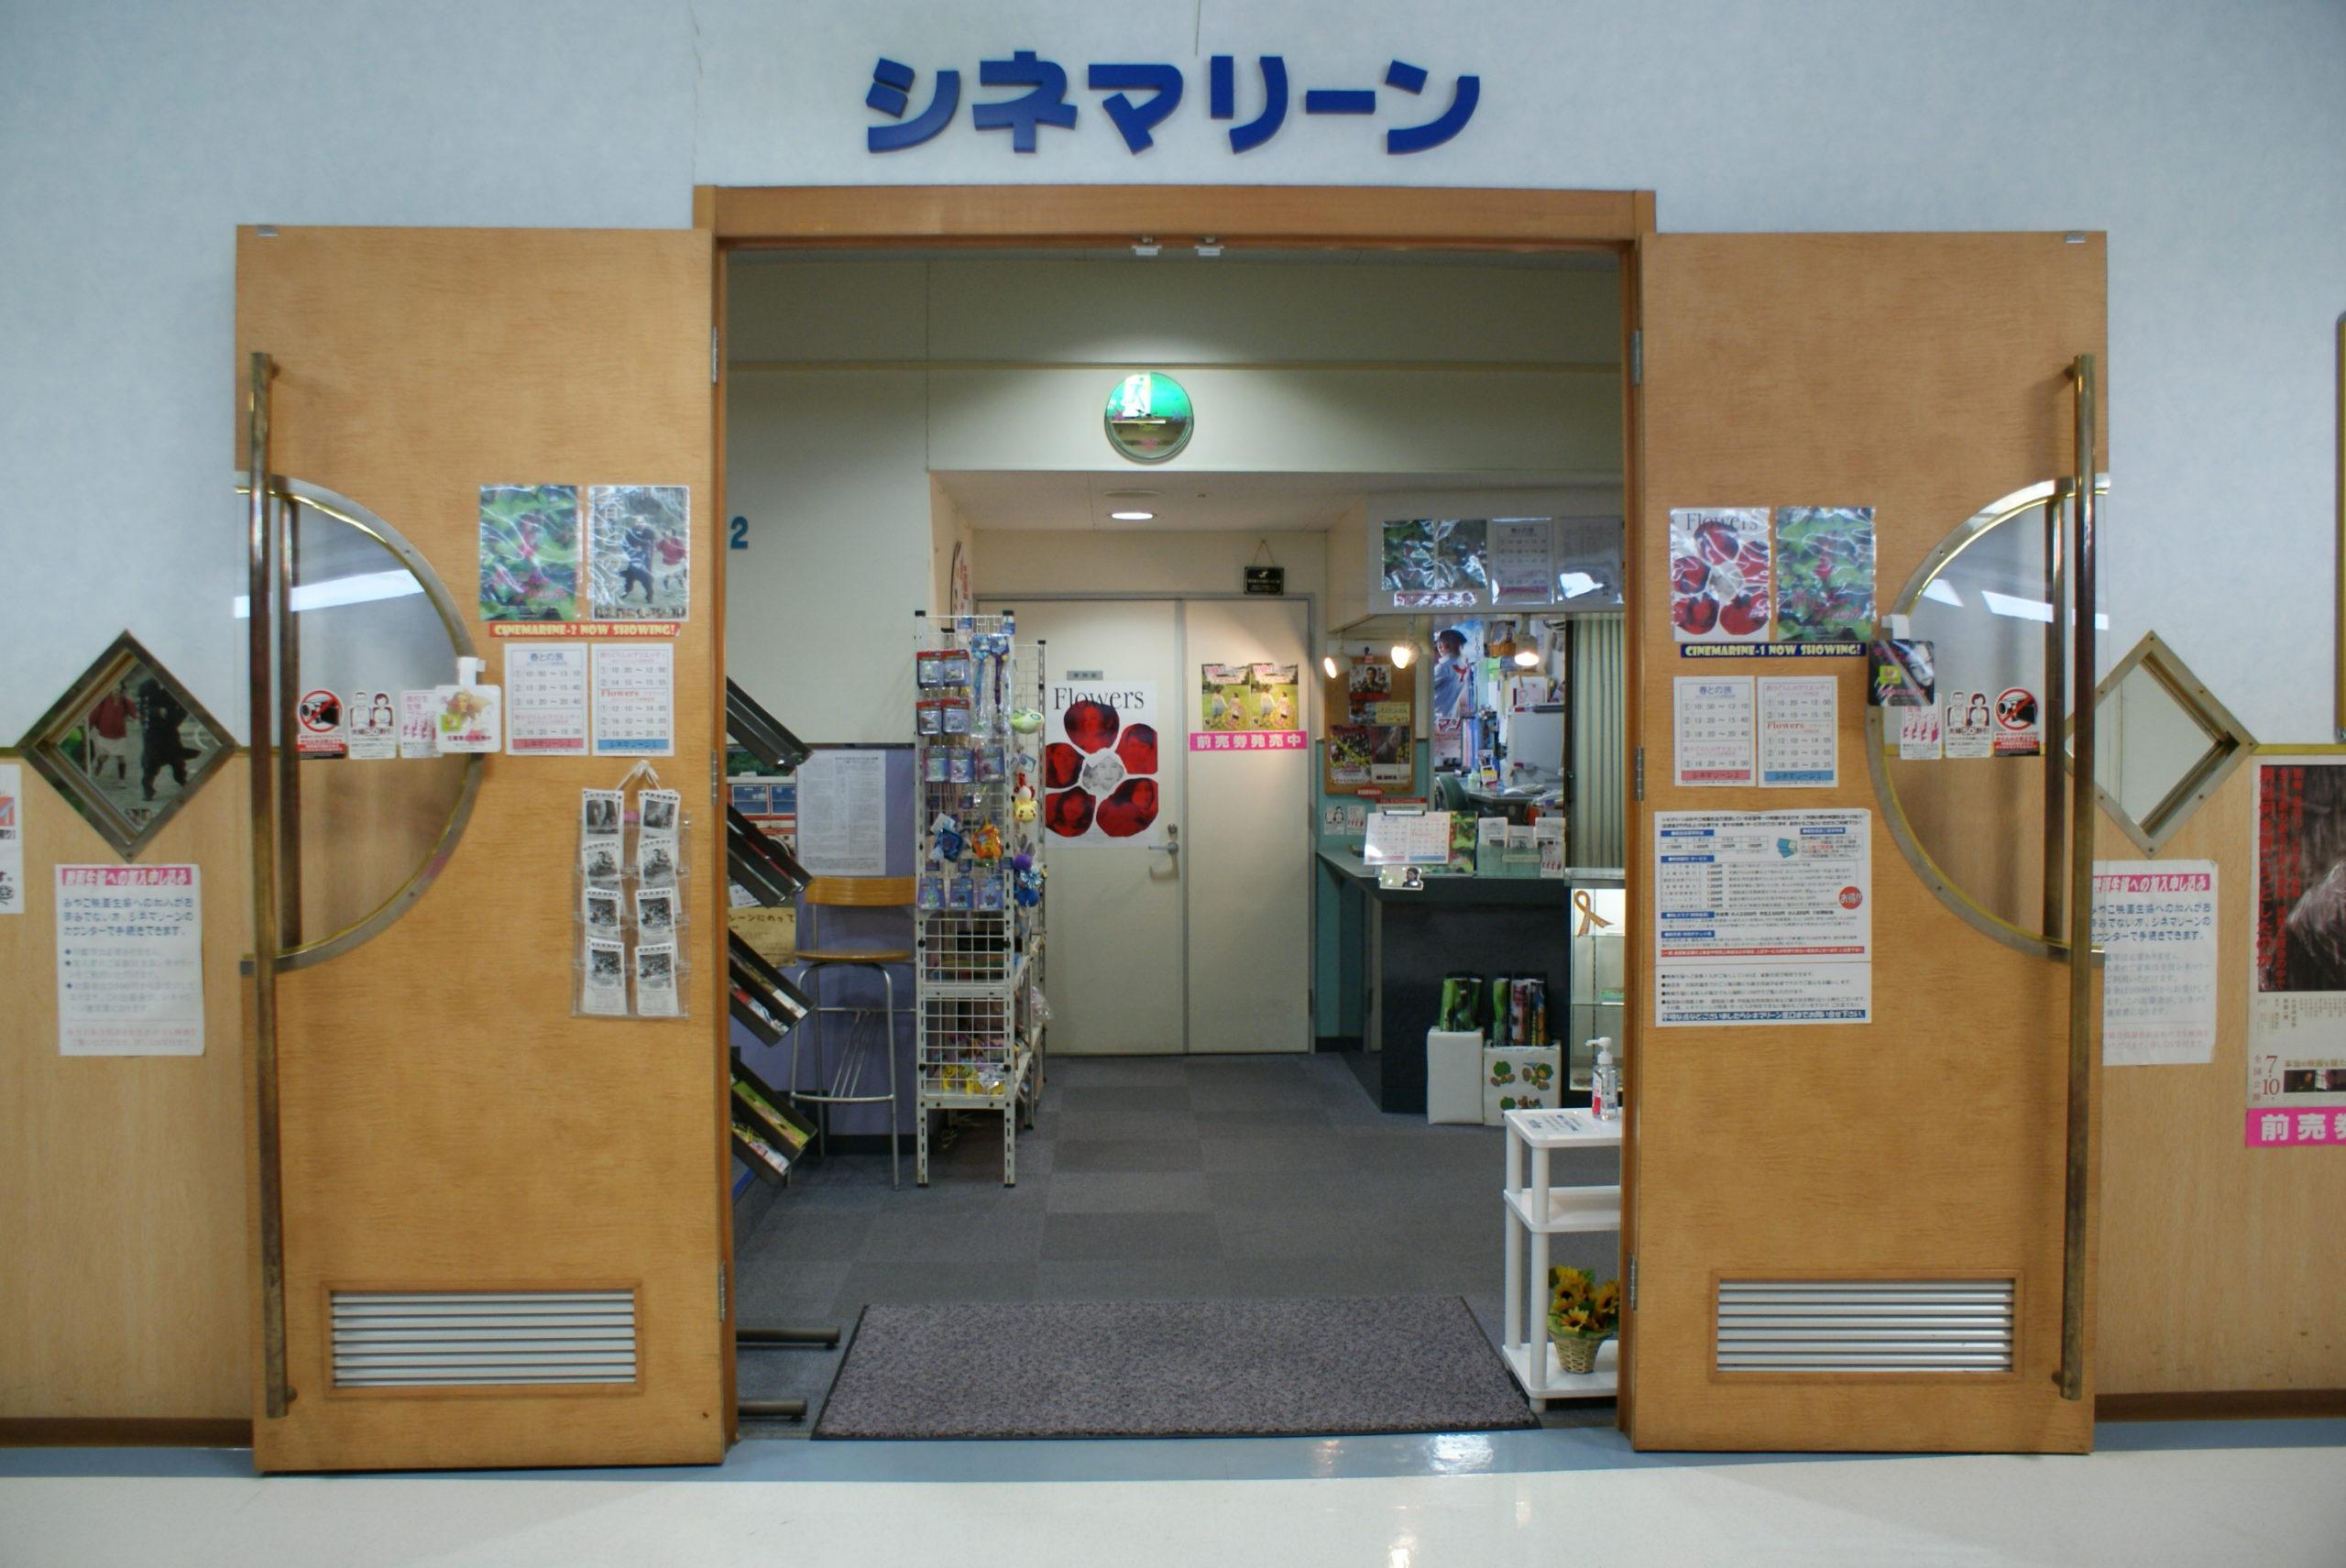 みやこシネマリーン(岩手県)